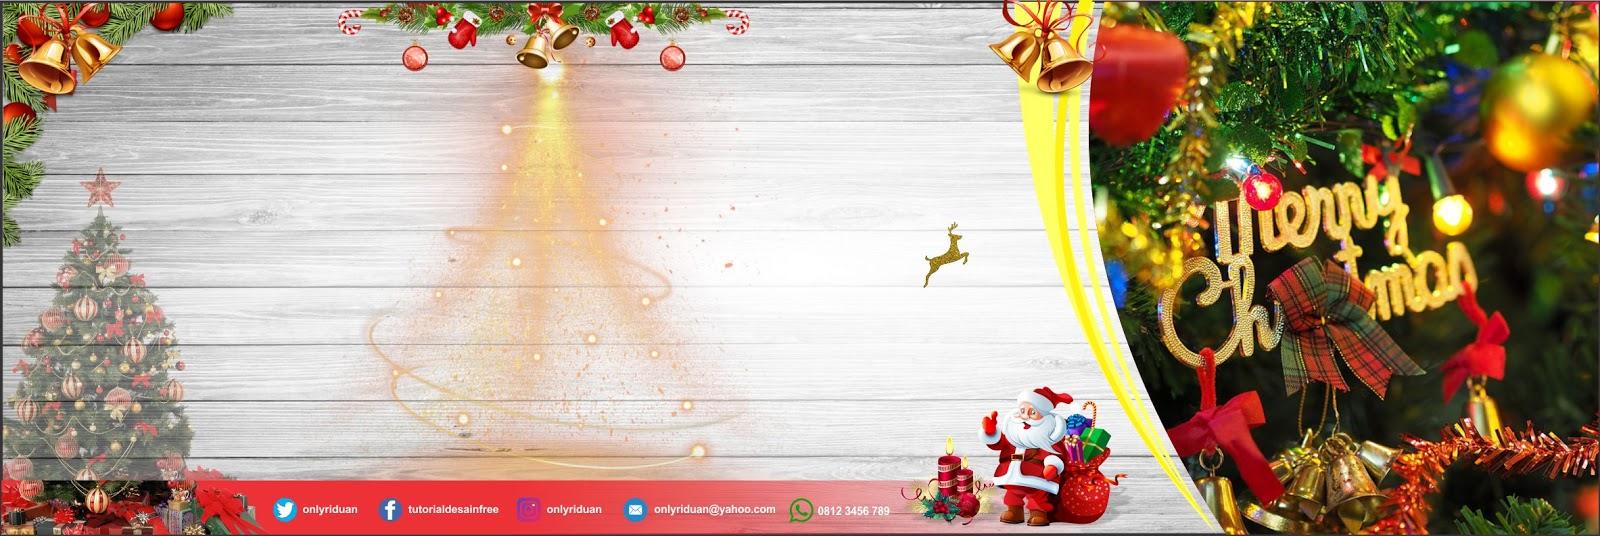 25+ Trend Terbaru Contoh Spanduk Natal Dan Tahun Baru 2020 ...